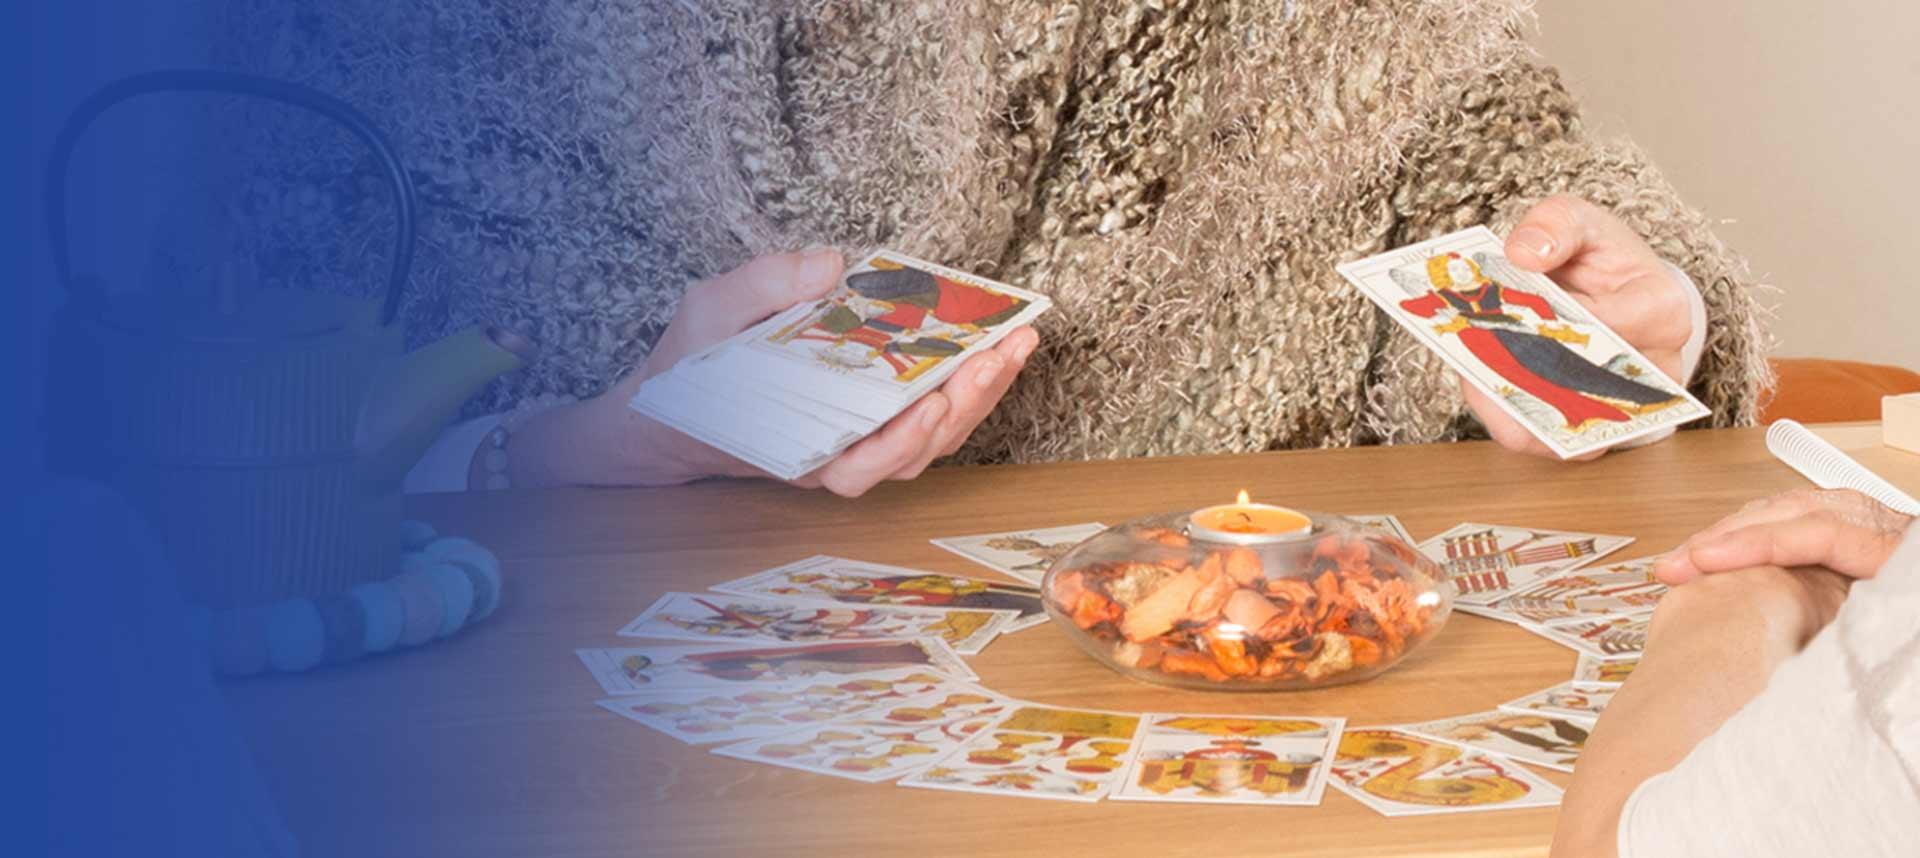 Taller supervisión grupal de la práctica personal y/o profesional del Tarot evolutivo y terapéutico en Marifrans Tarot